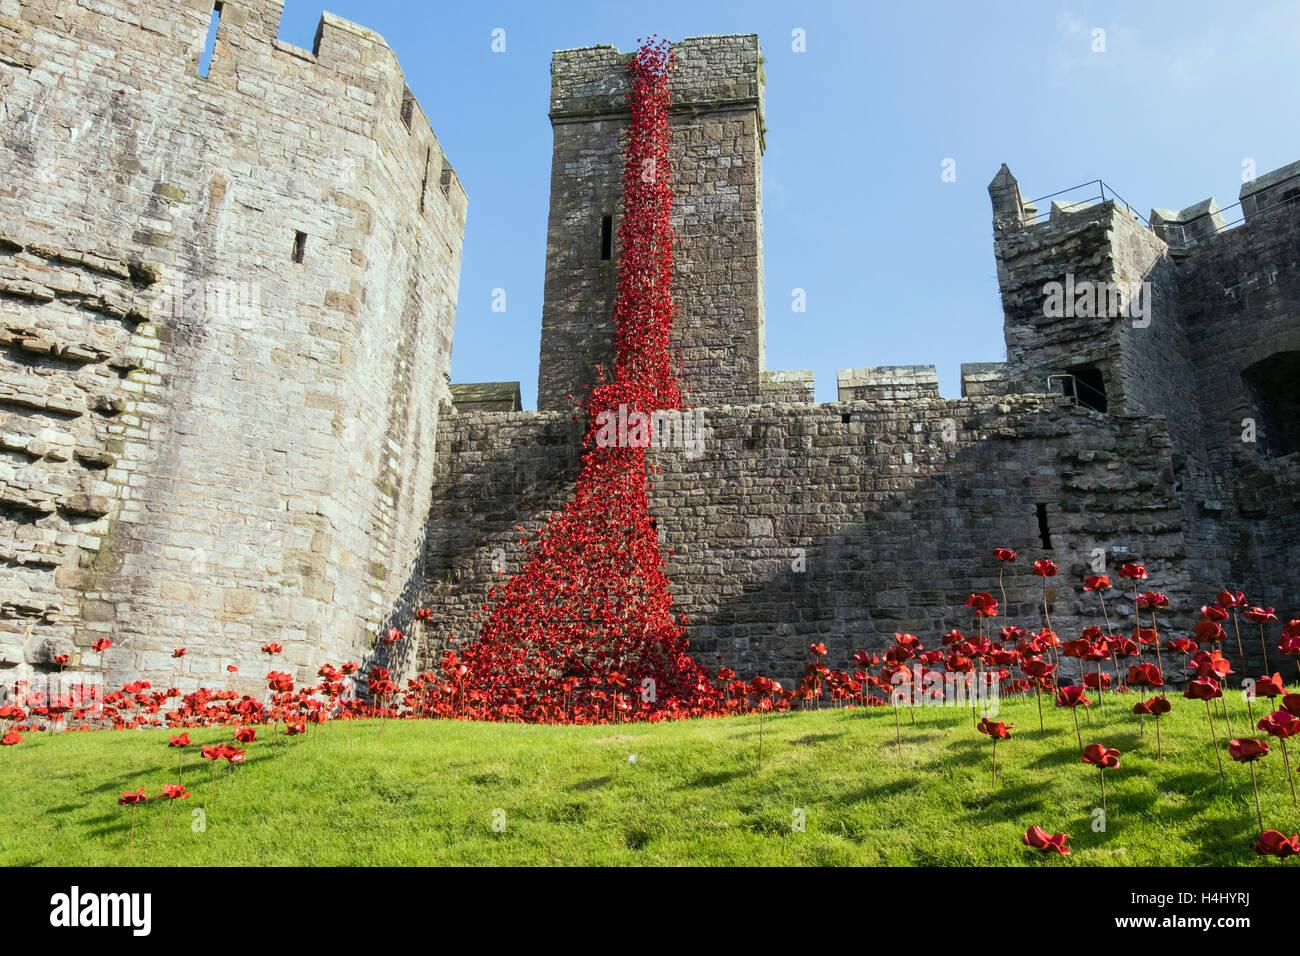 Fenêtre pleurant art sculpture céramique de coquelicots rouges dans les murs du château de Caernarfon. Photo Stock